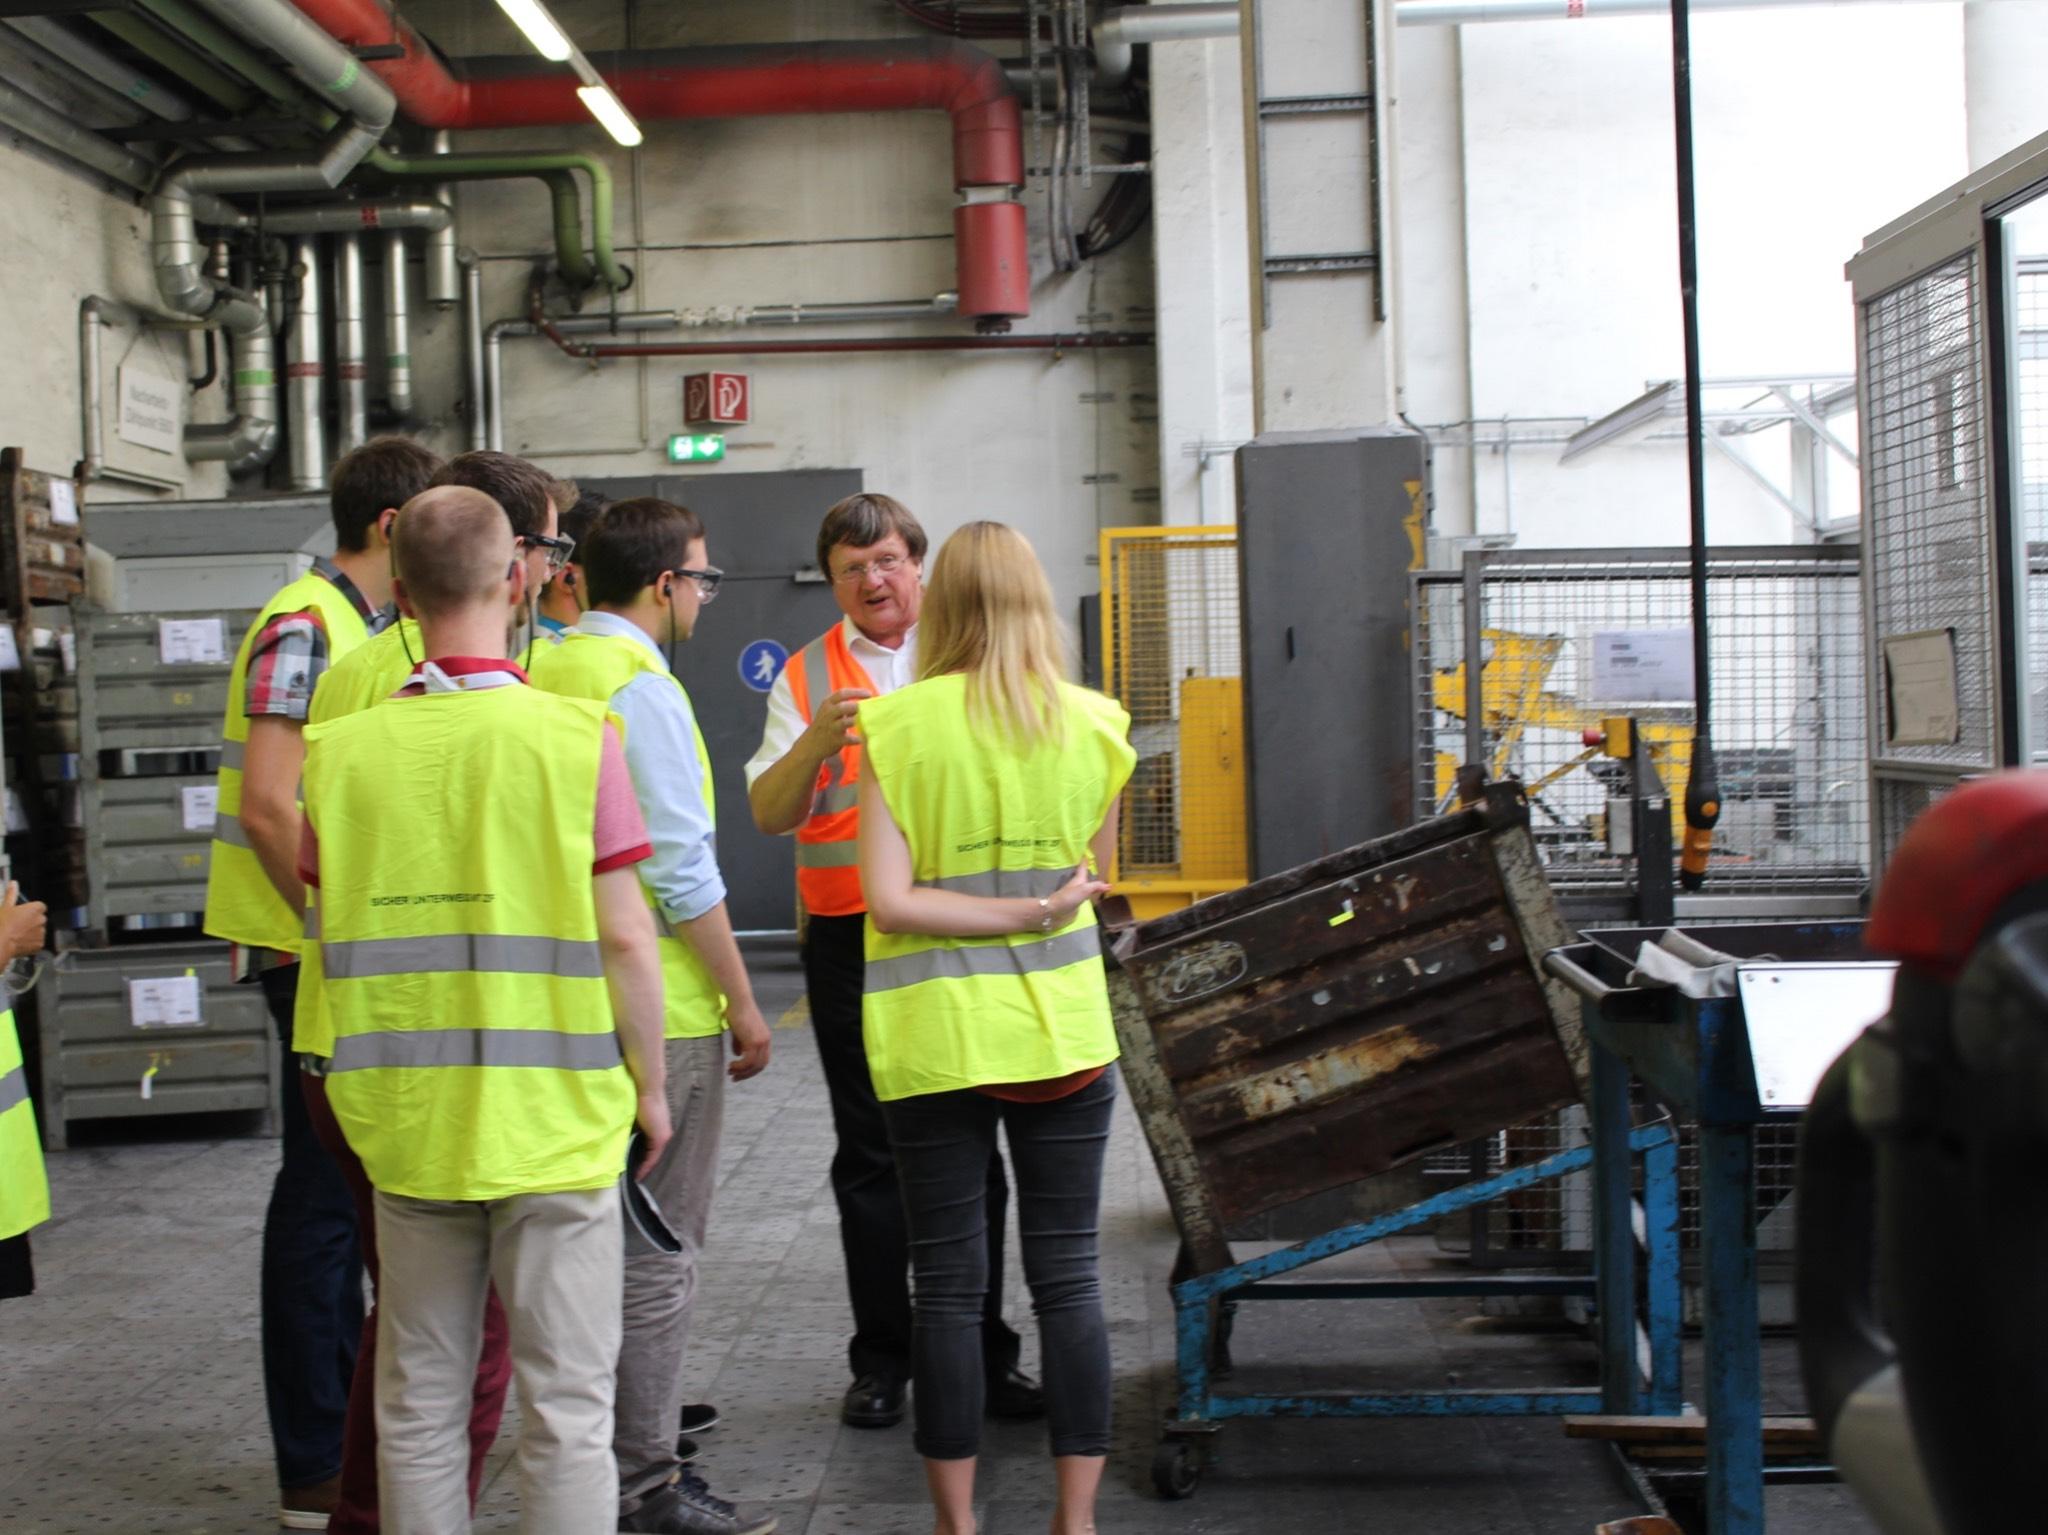 Die career tours bieten Einblick in führende Unternehmen. Foto: ZF Friedrichshafen AG / Region Mainfranken GmbH